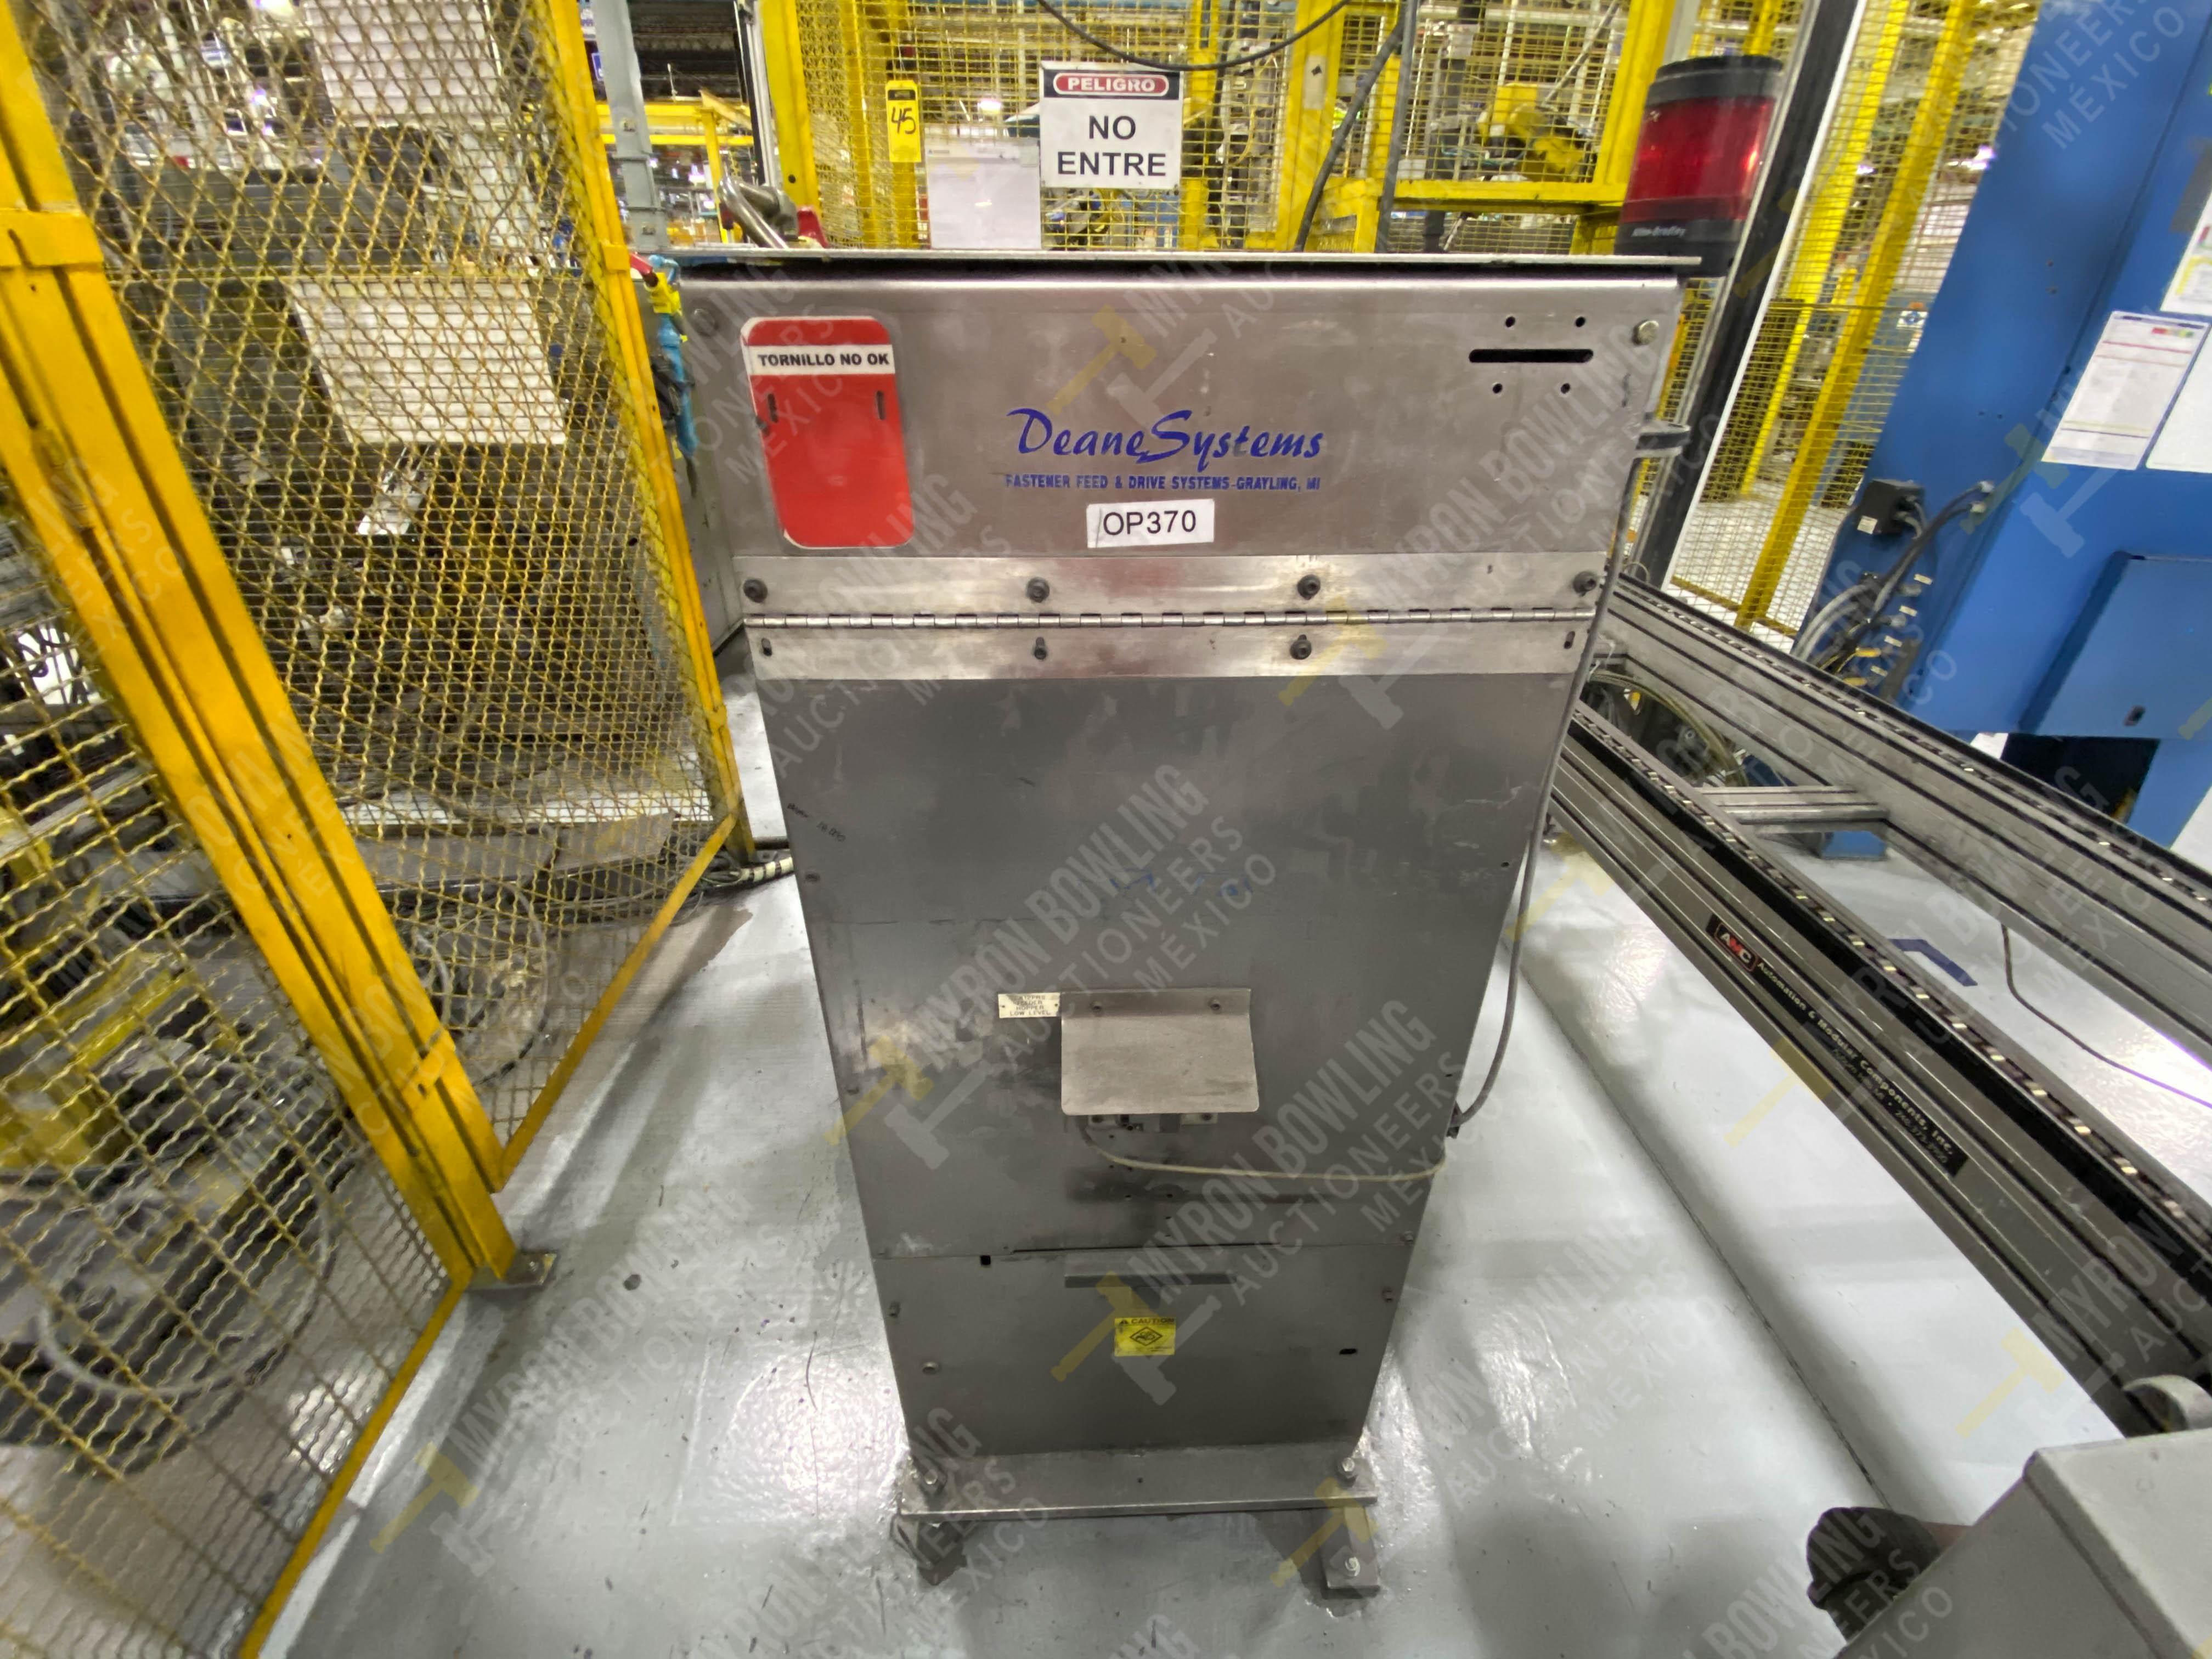 Robot con capacidad de carga de 15-30 Kg, controlador de robot y teach pendant - Image 8 of 17